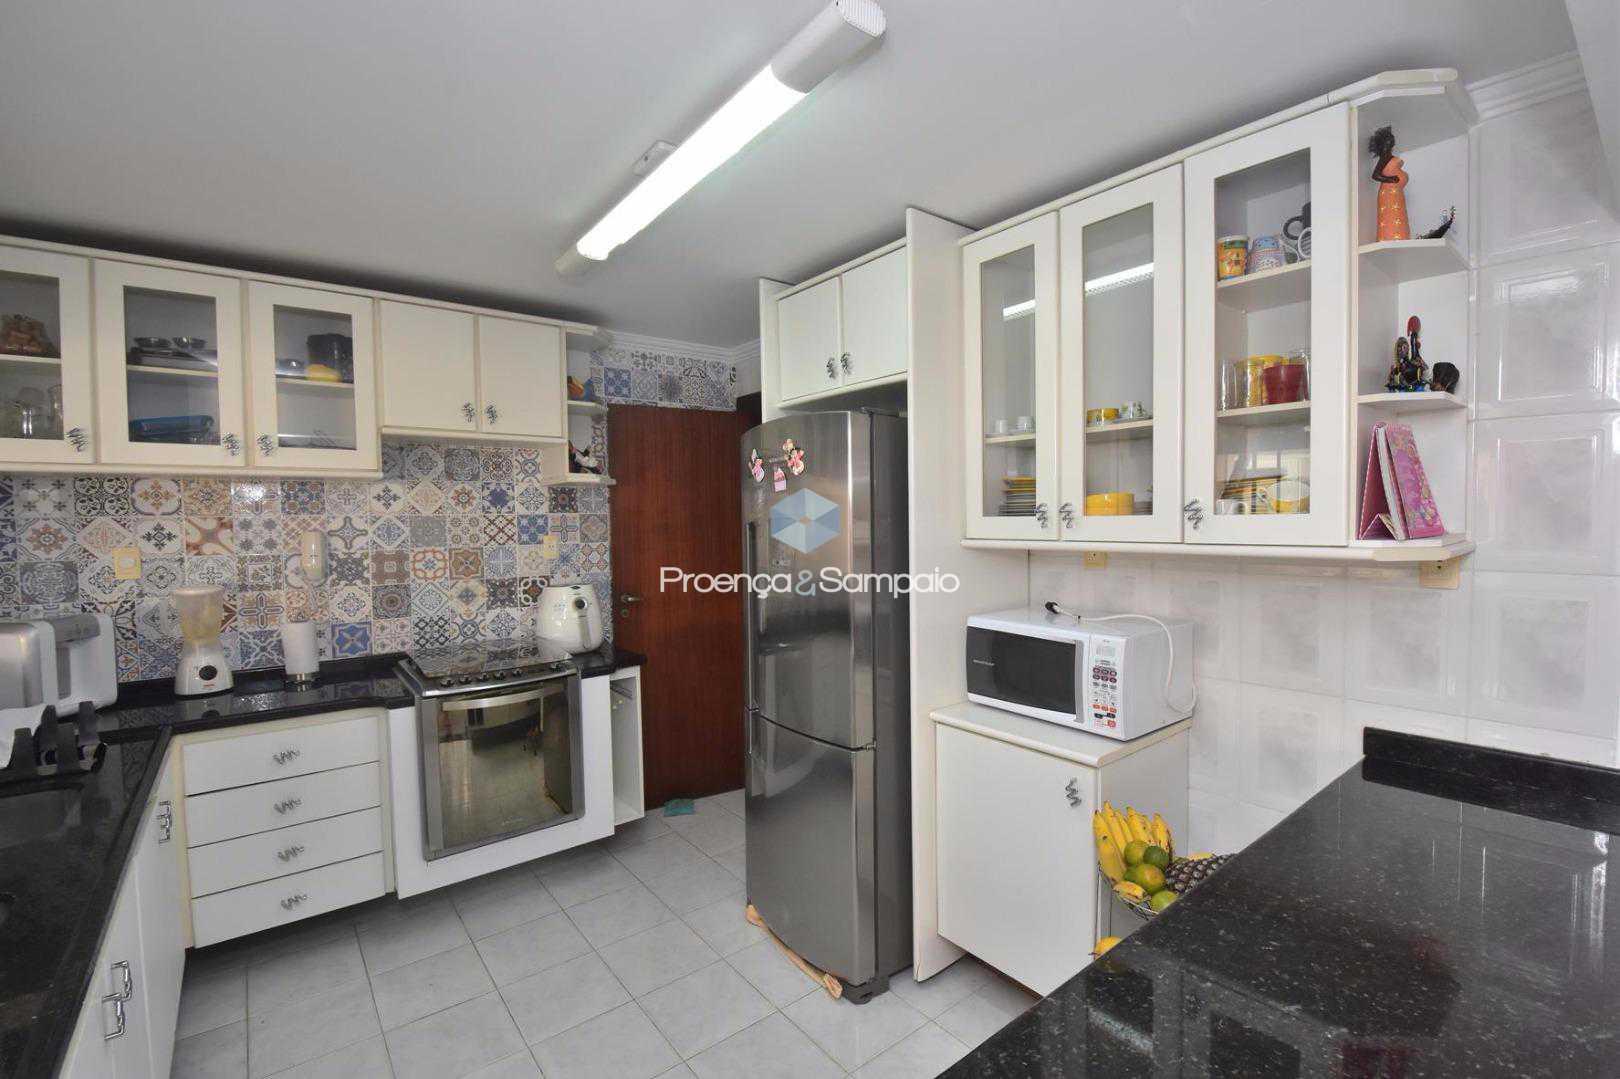 FOTO16 - Casa em Condomínio 4 quartos à venda Lauro de Freitas,BA - R$ 870.000 - PSCN40007 - 18